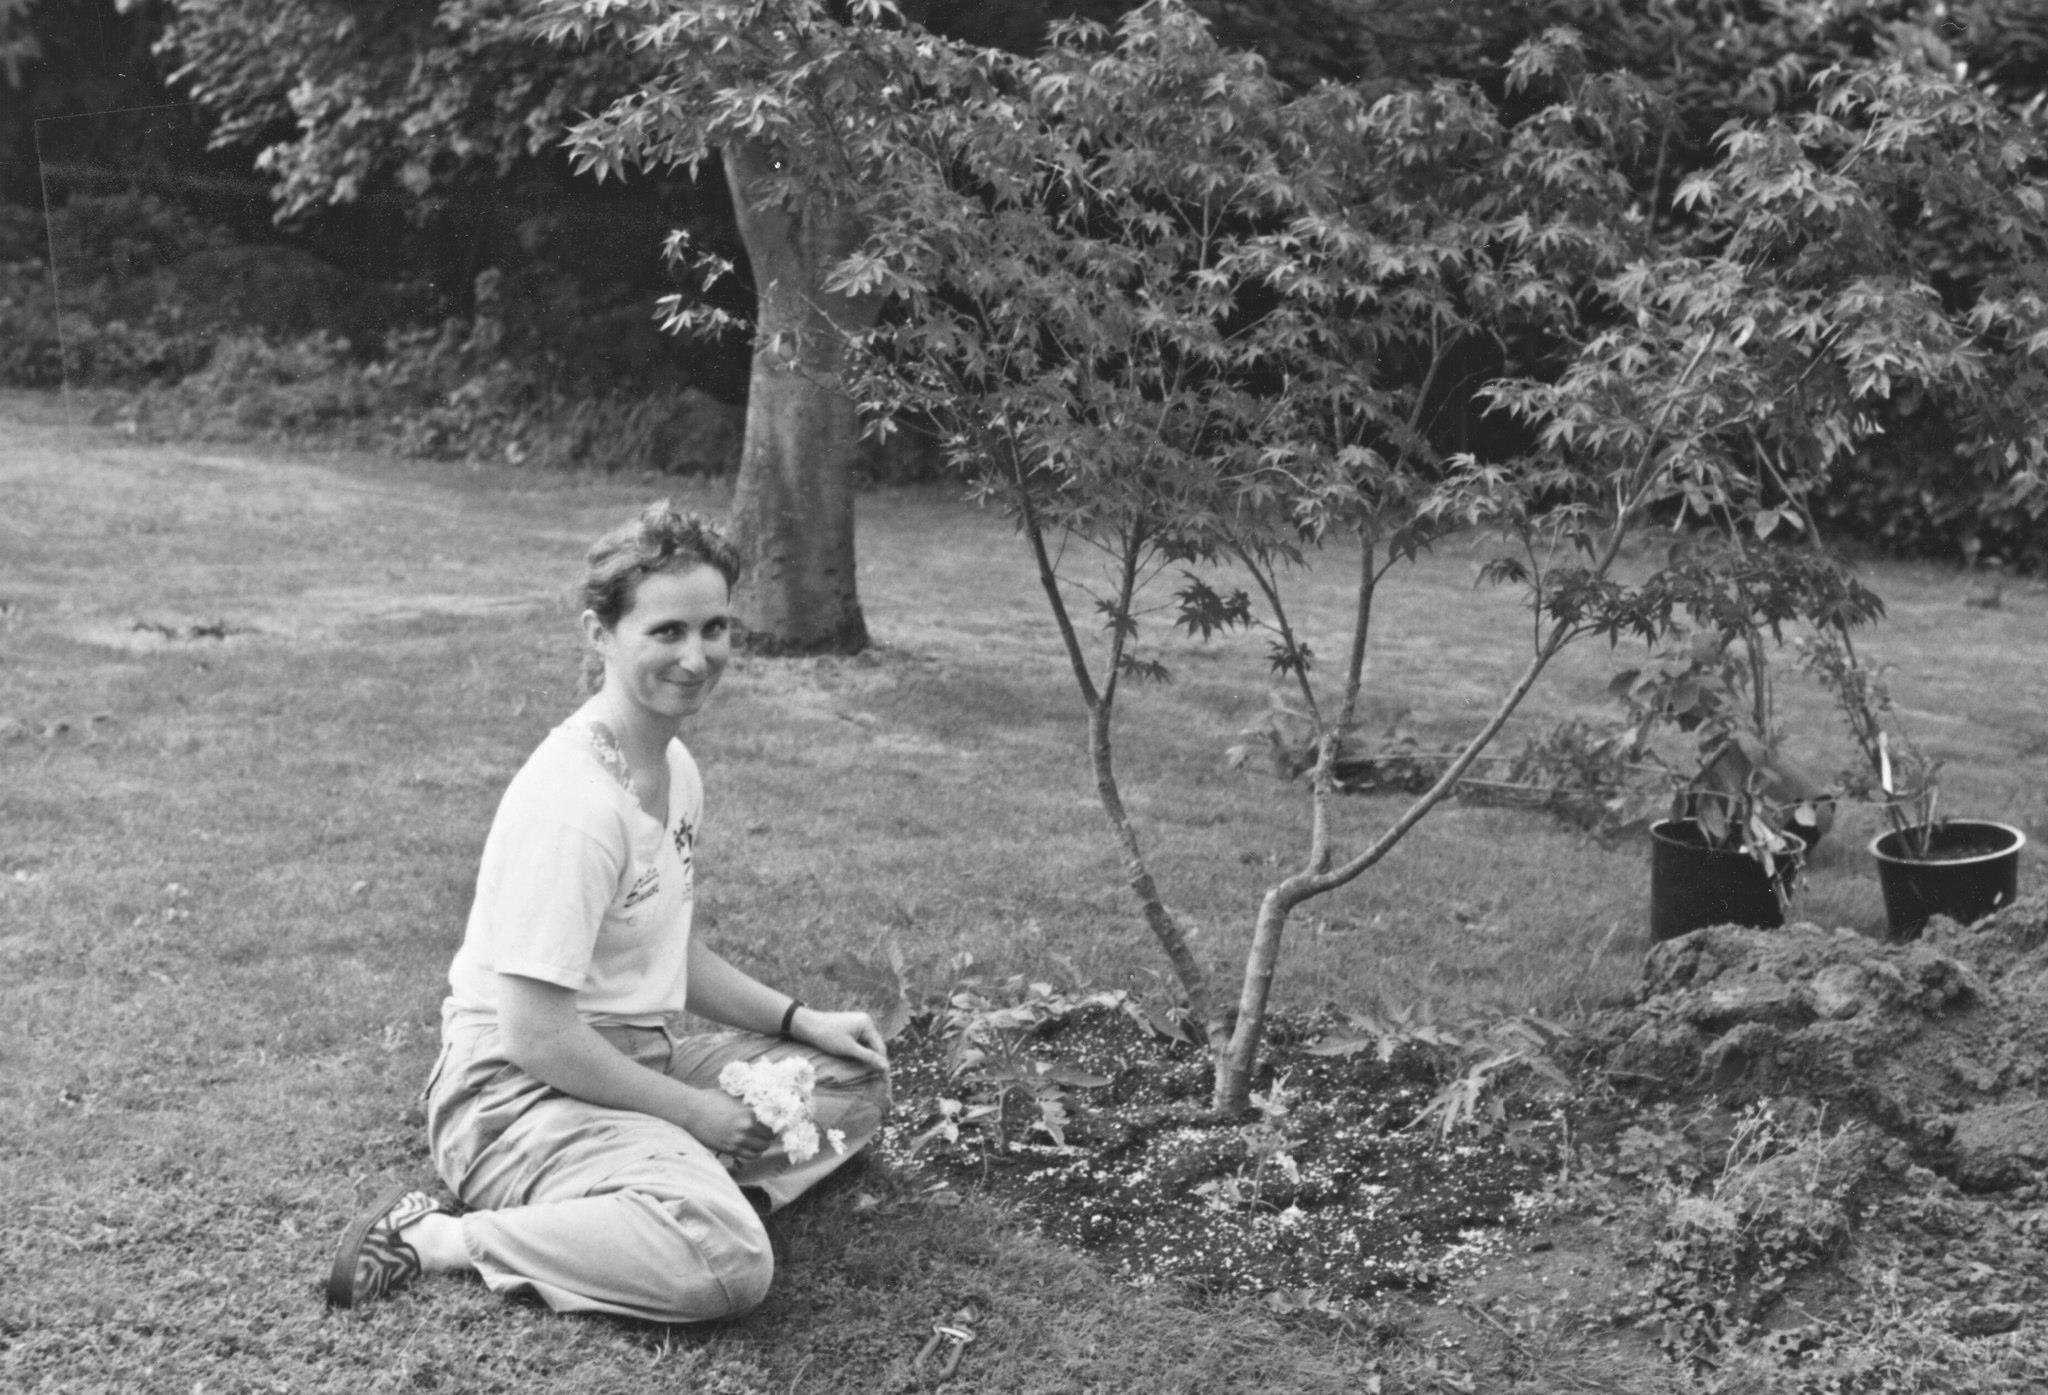 Remembering Carolyn Holzman